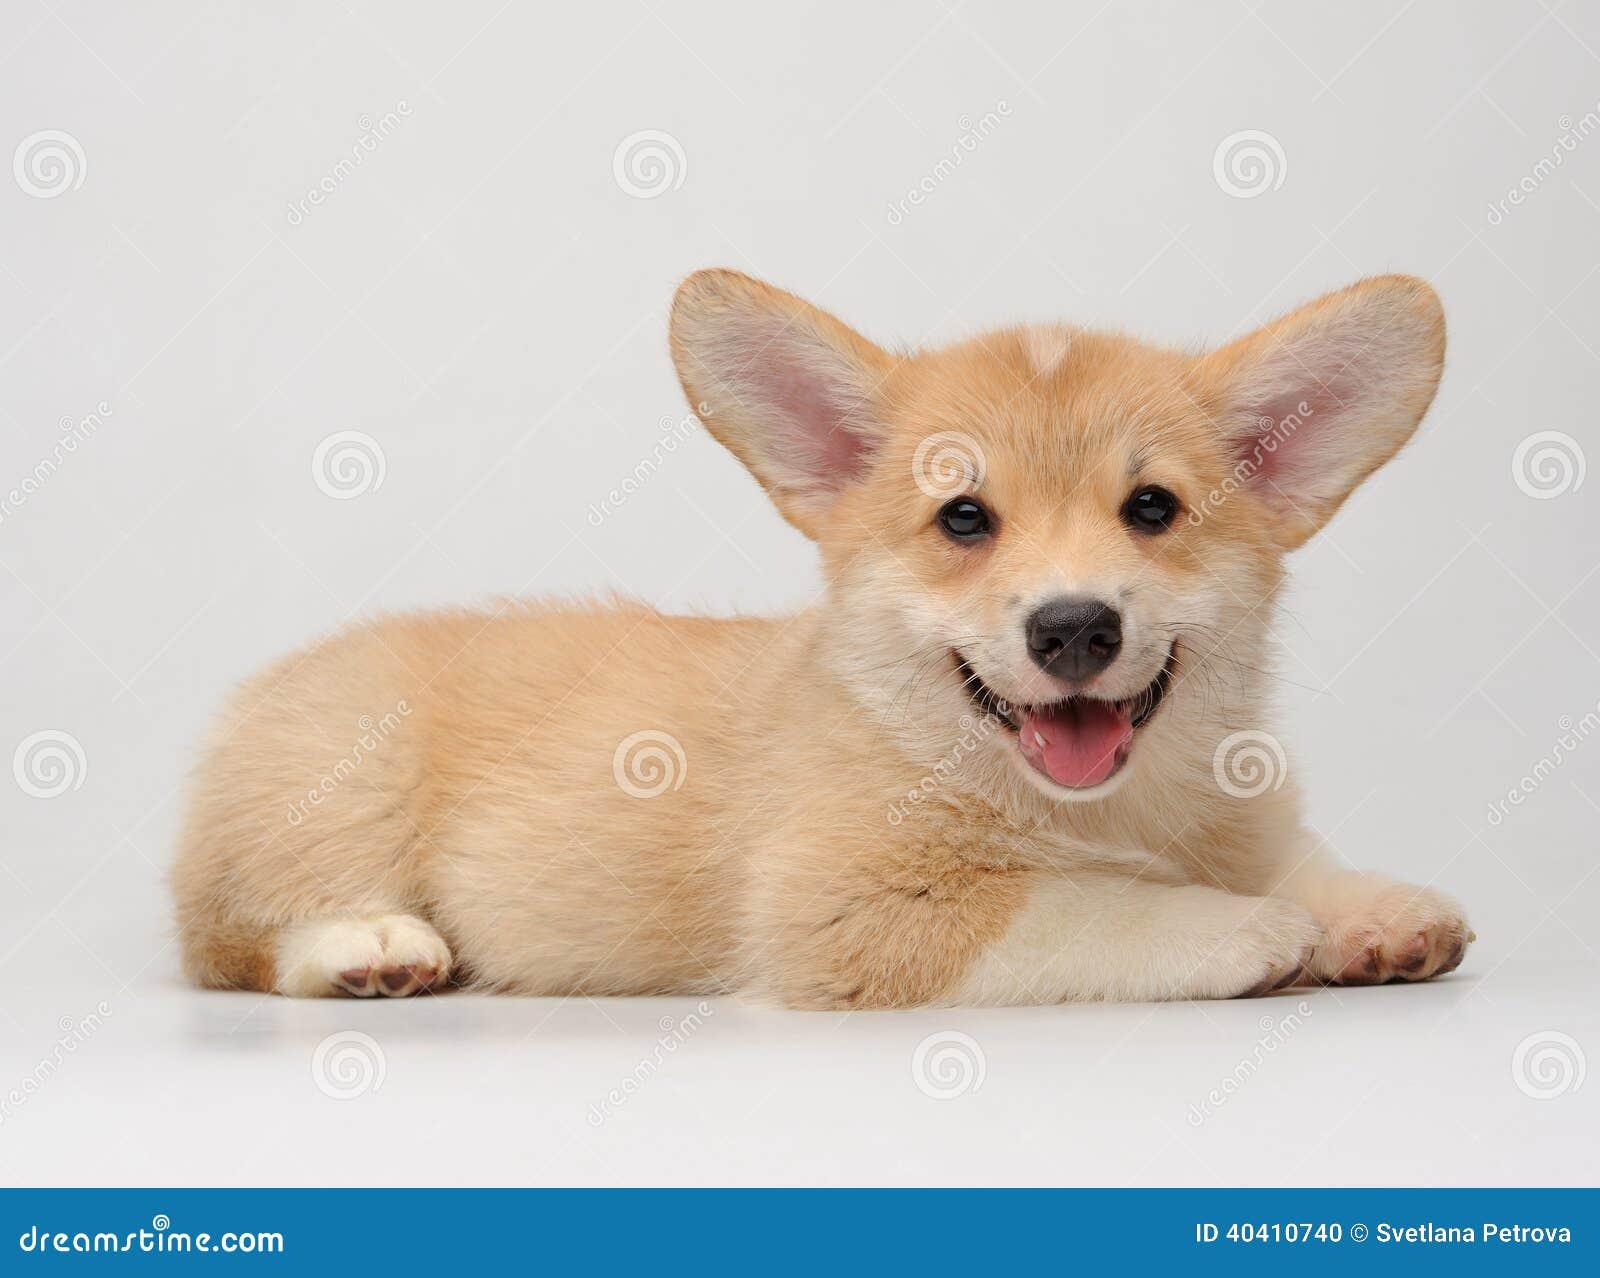 smiling dog white background - photo #17